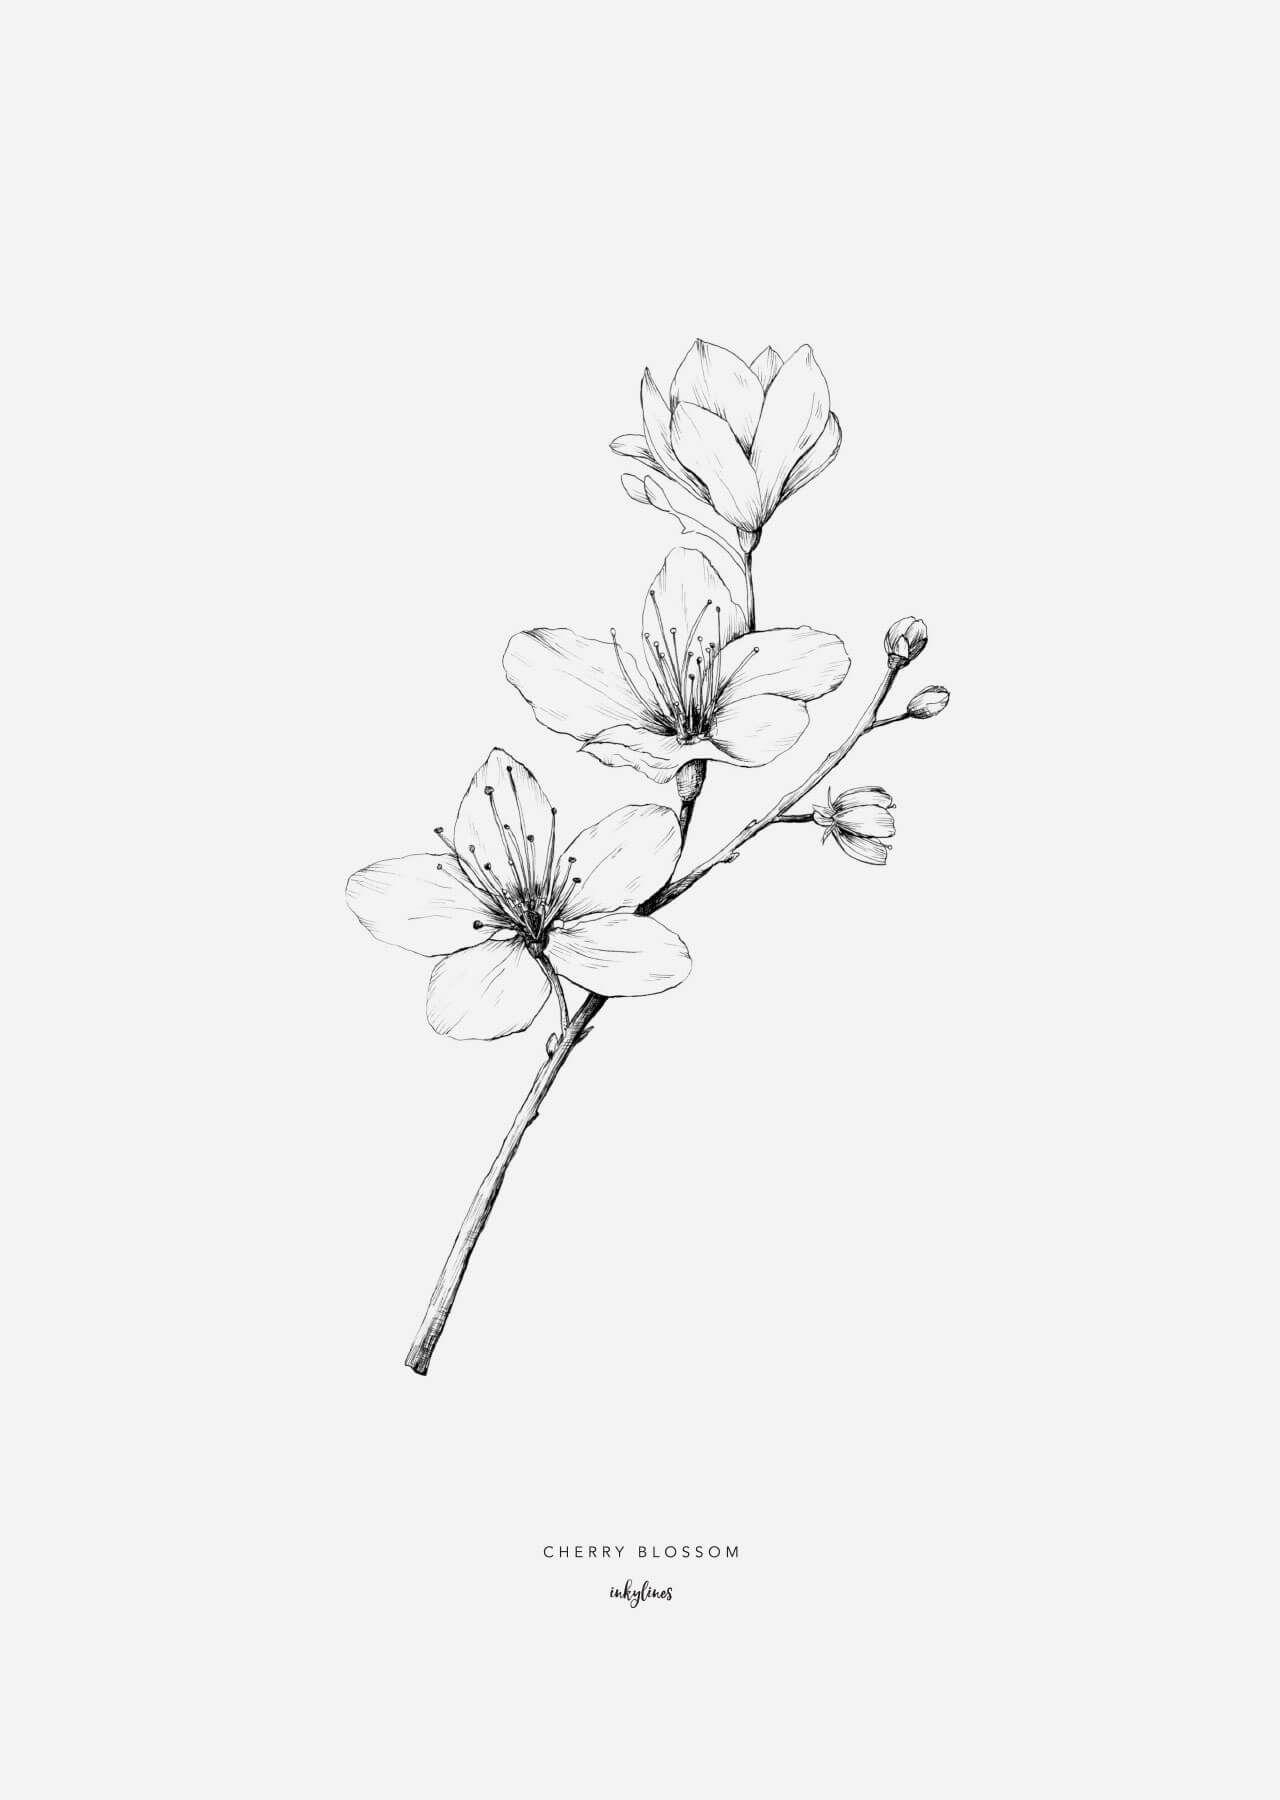 Cherry Blossom Cherry Blossom Art Blossom Tattoo Cherry